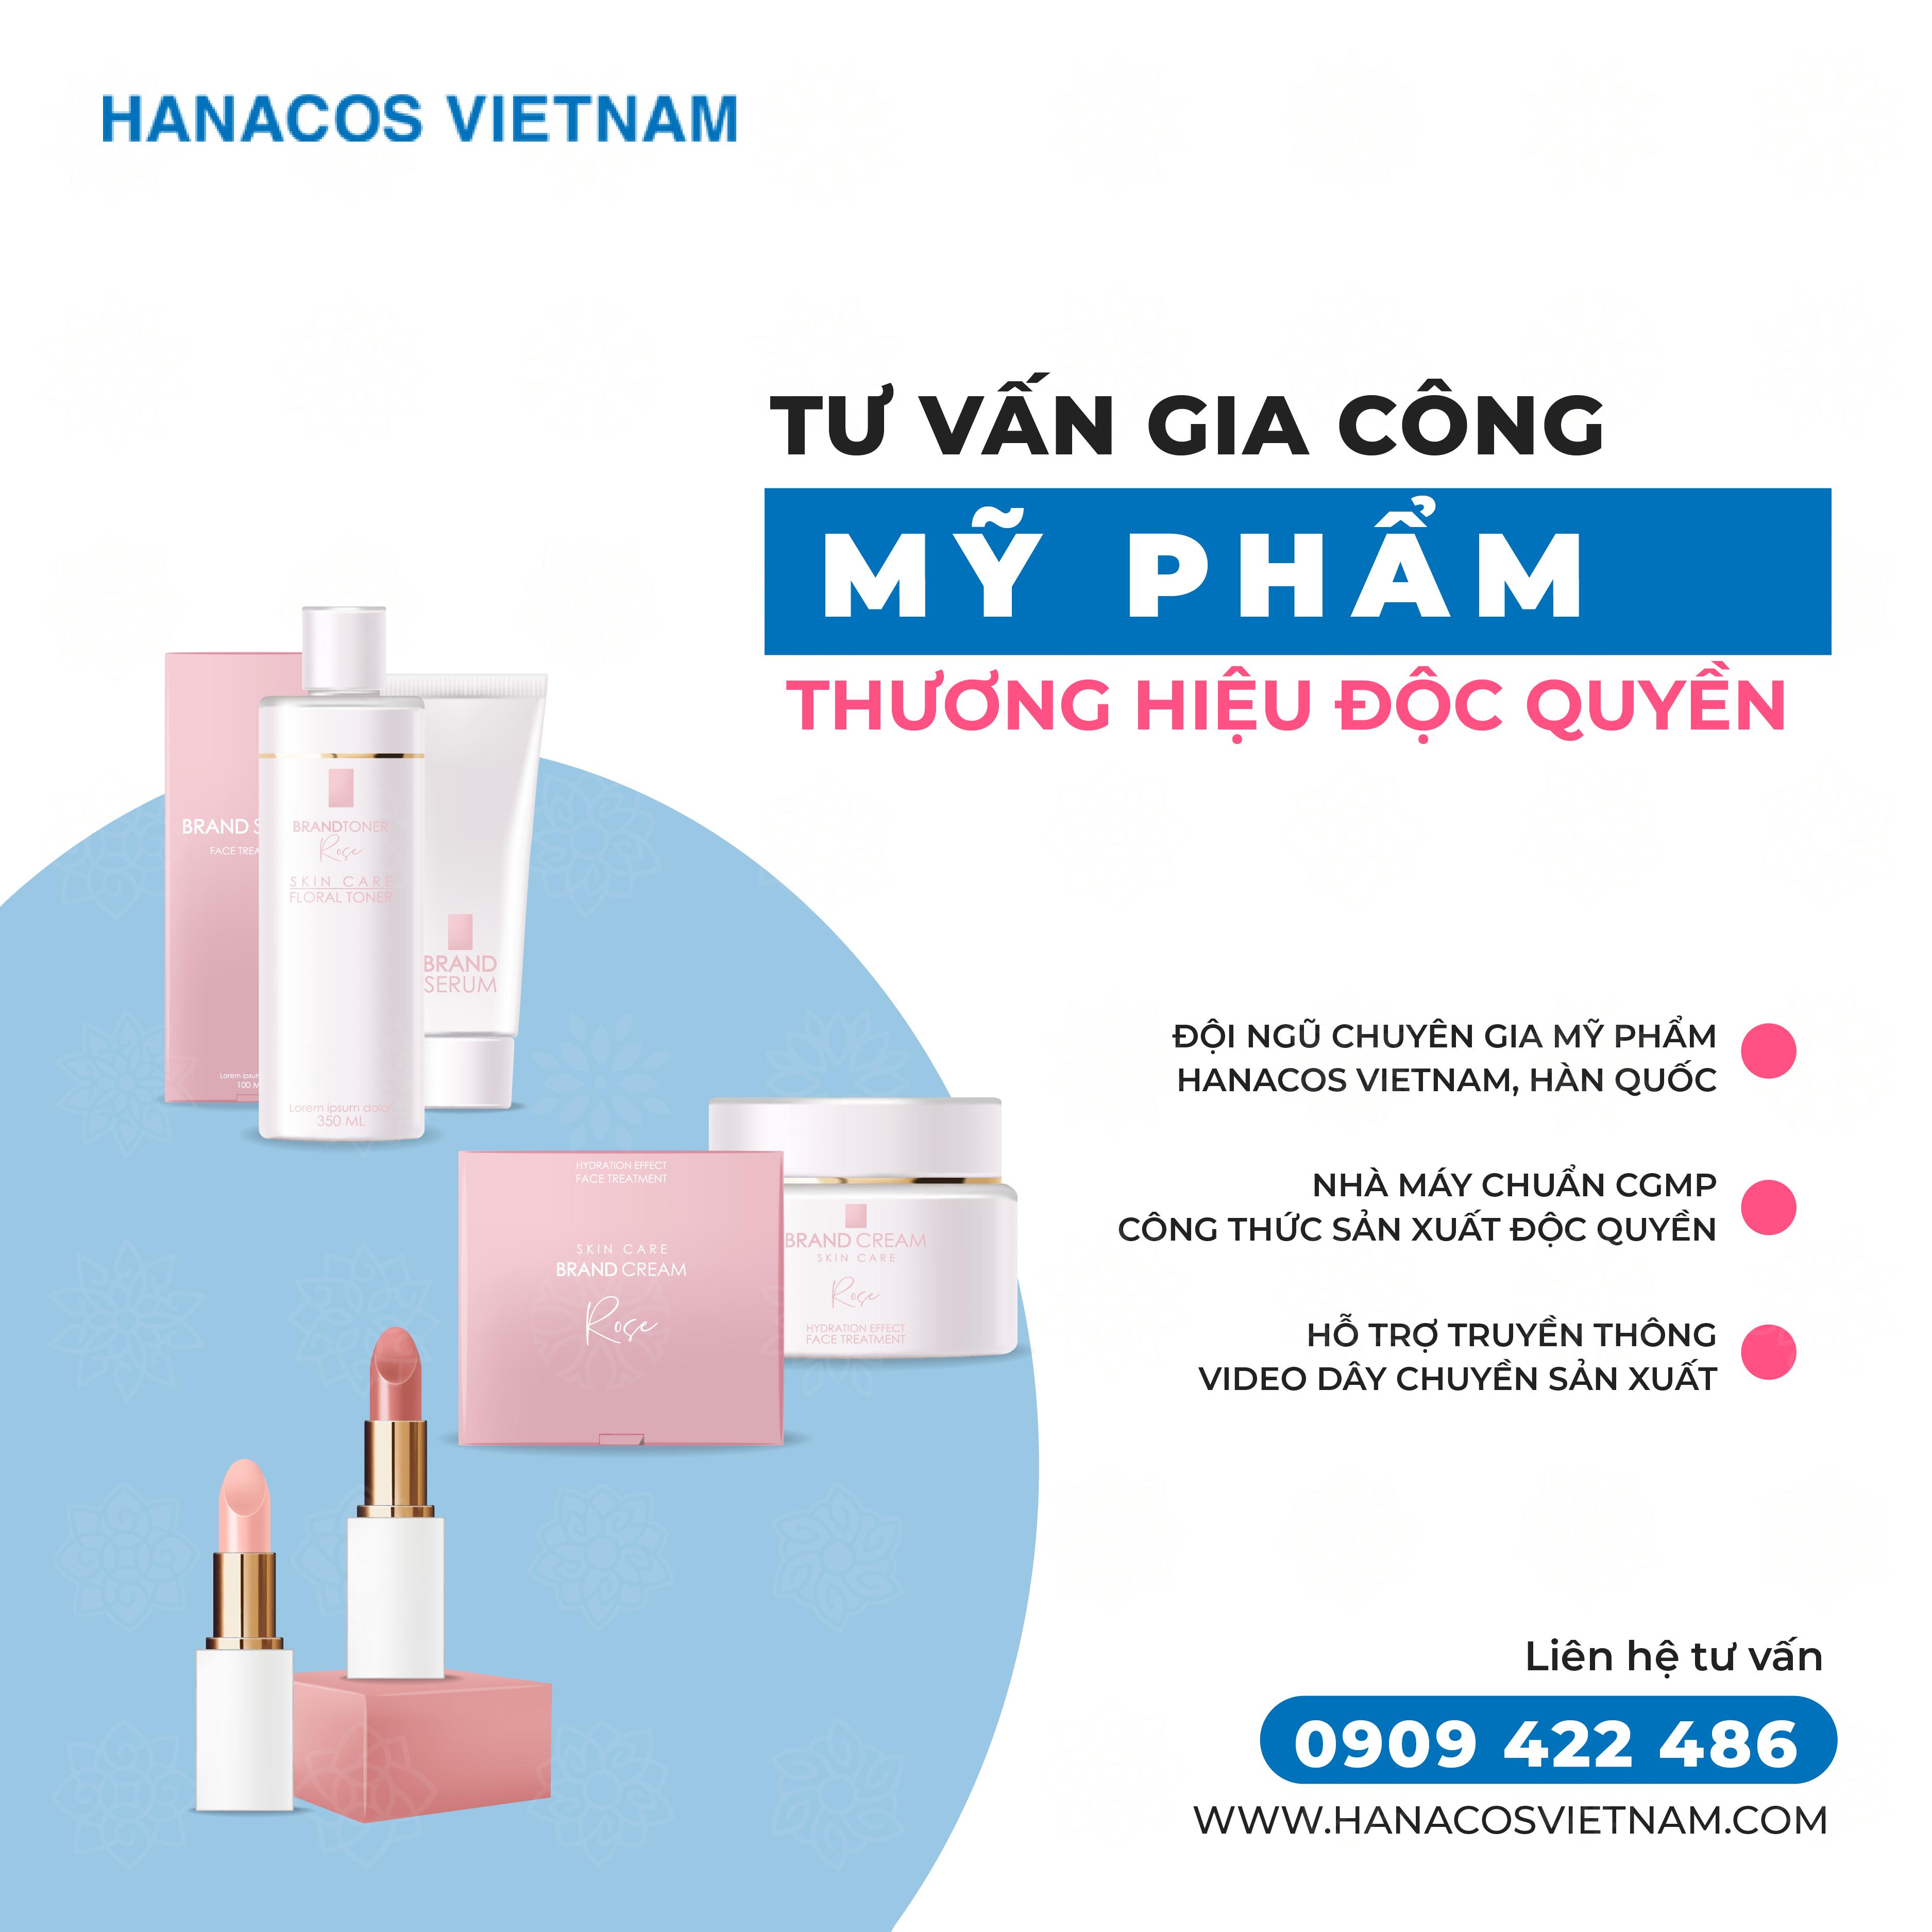 Hanacos Vietnam - gia công mỹ phẩm chất lượng theo yêu cầu